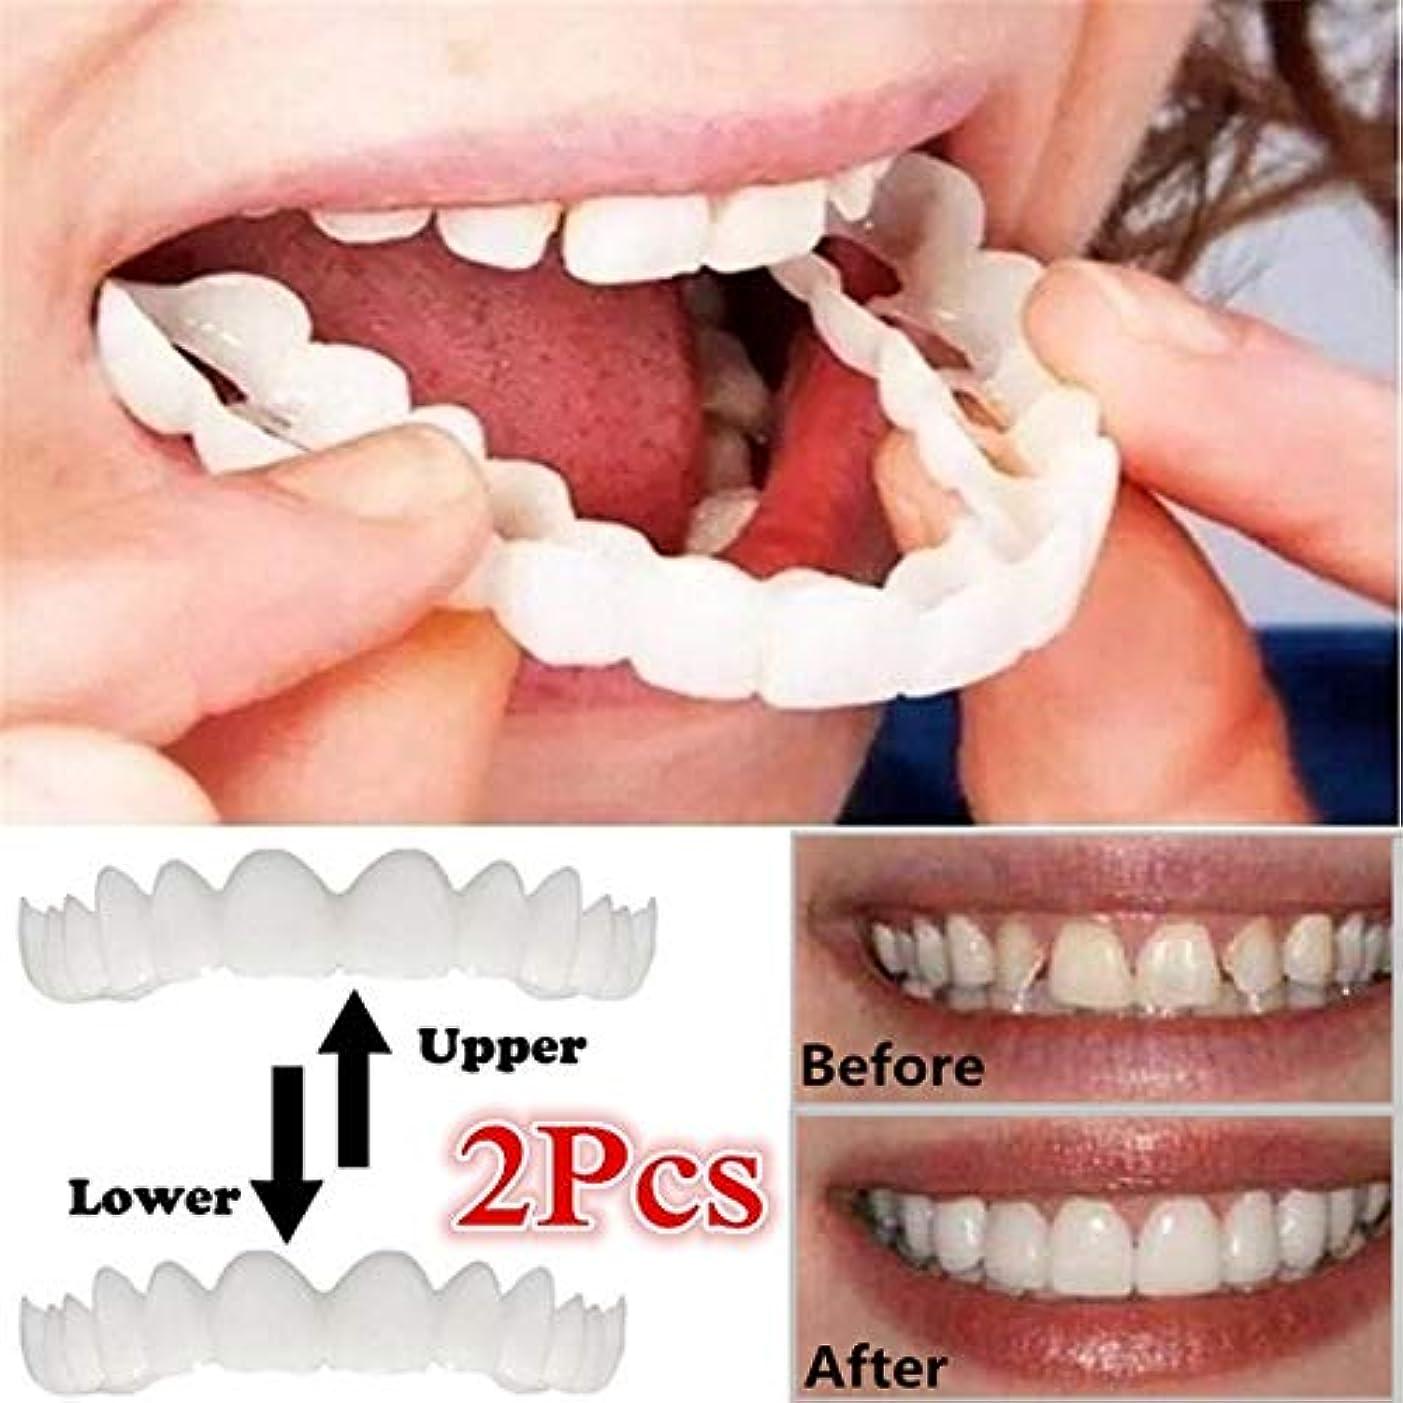 移動ミルマインド新しい1対の模擬歯の笑顔が、最も快適な上下の歯のベニア(一番下と一番上)のための柔らかい歯に快適にフィット